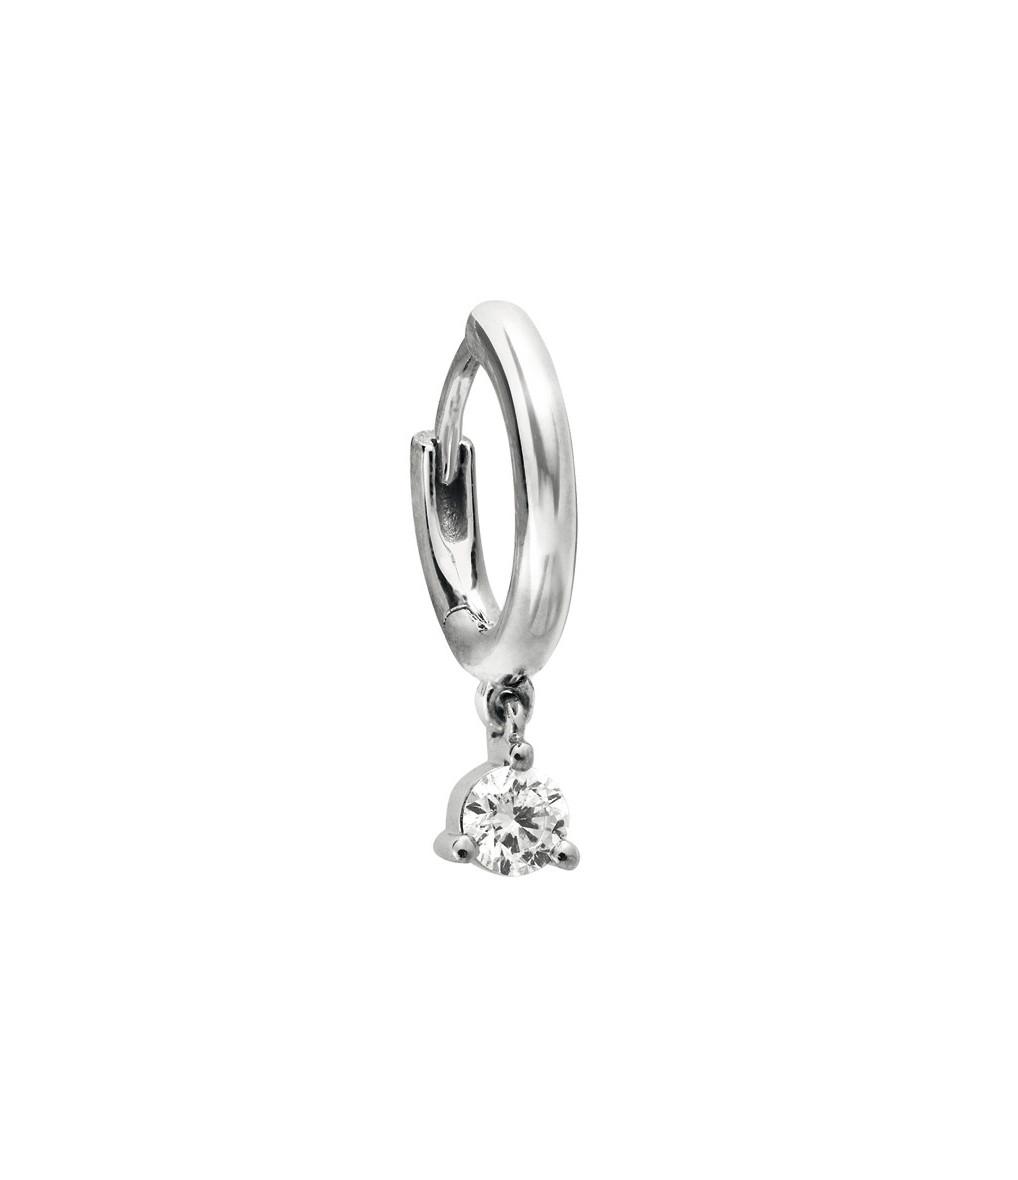 STONE PARIS - Mini Créole Infinity Or Diamants(vendue à l'unité)